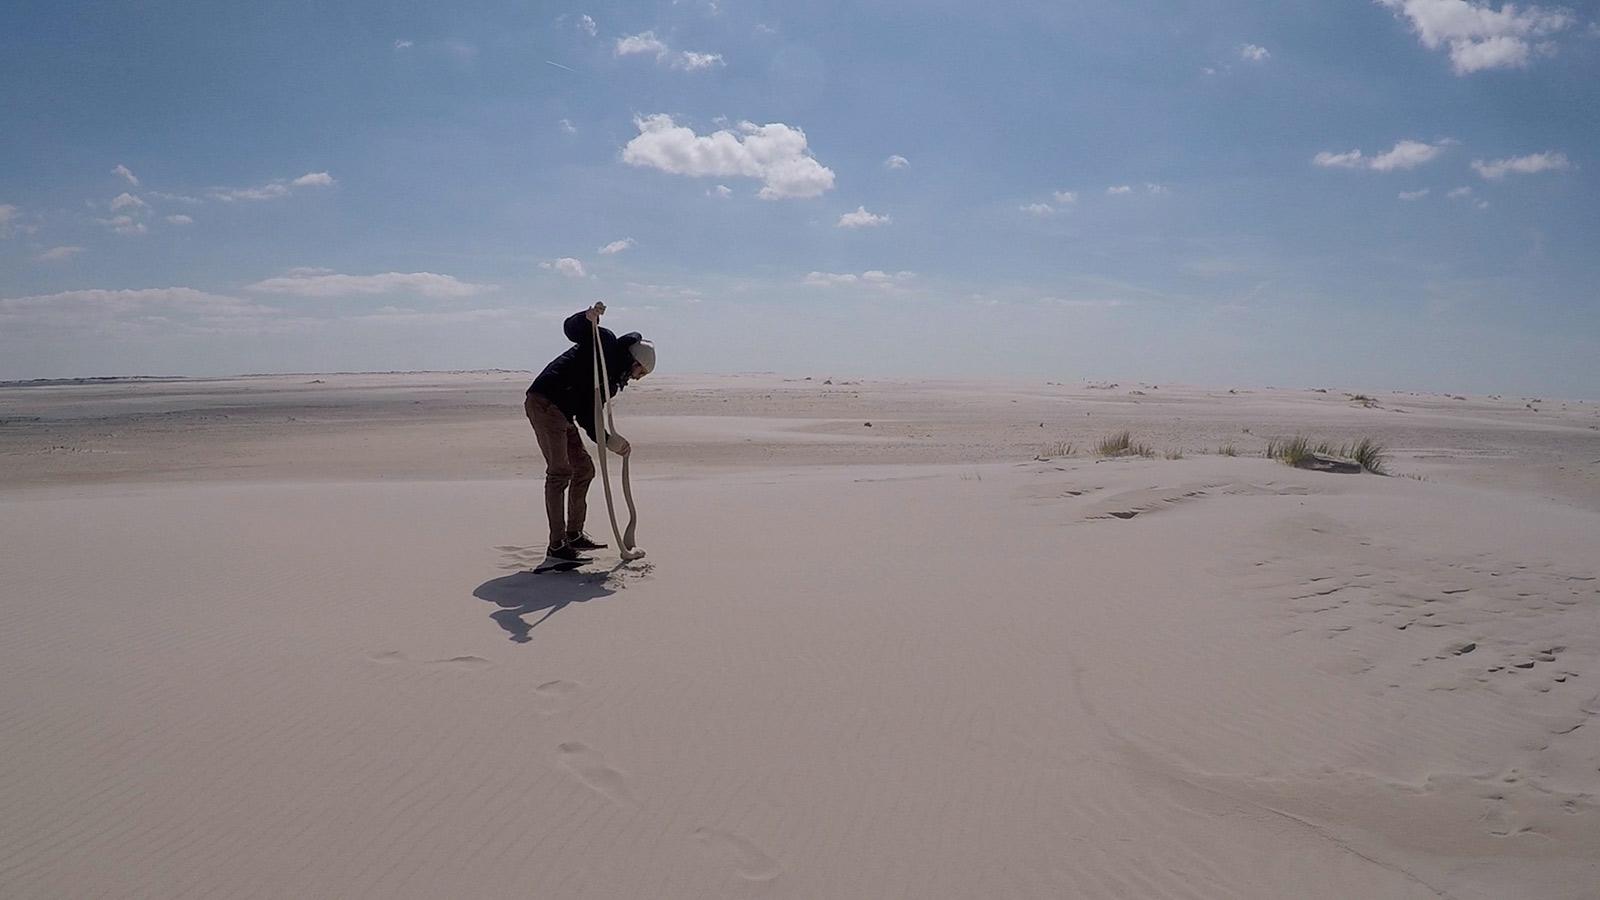 Auf der Nordseeinsel Amrum in Deutschland erschafft der Künstler Fabian Matz mit Feinstrümpfen und dem reichlich vorhandenen Sand bizarre Körper